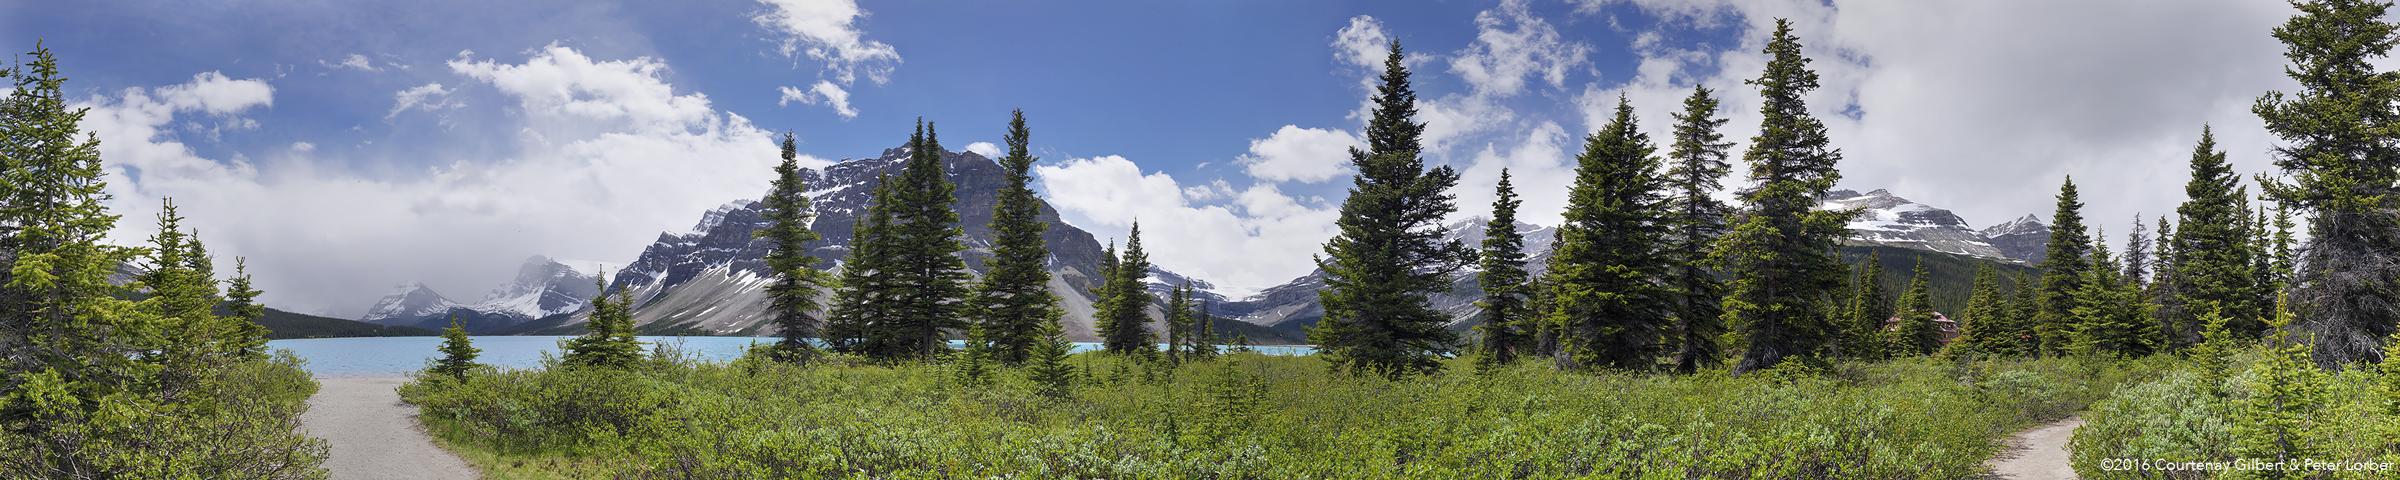 Bow Lake 4